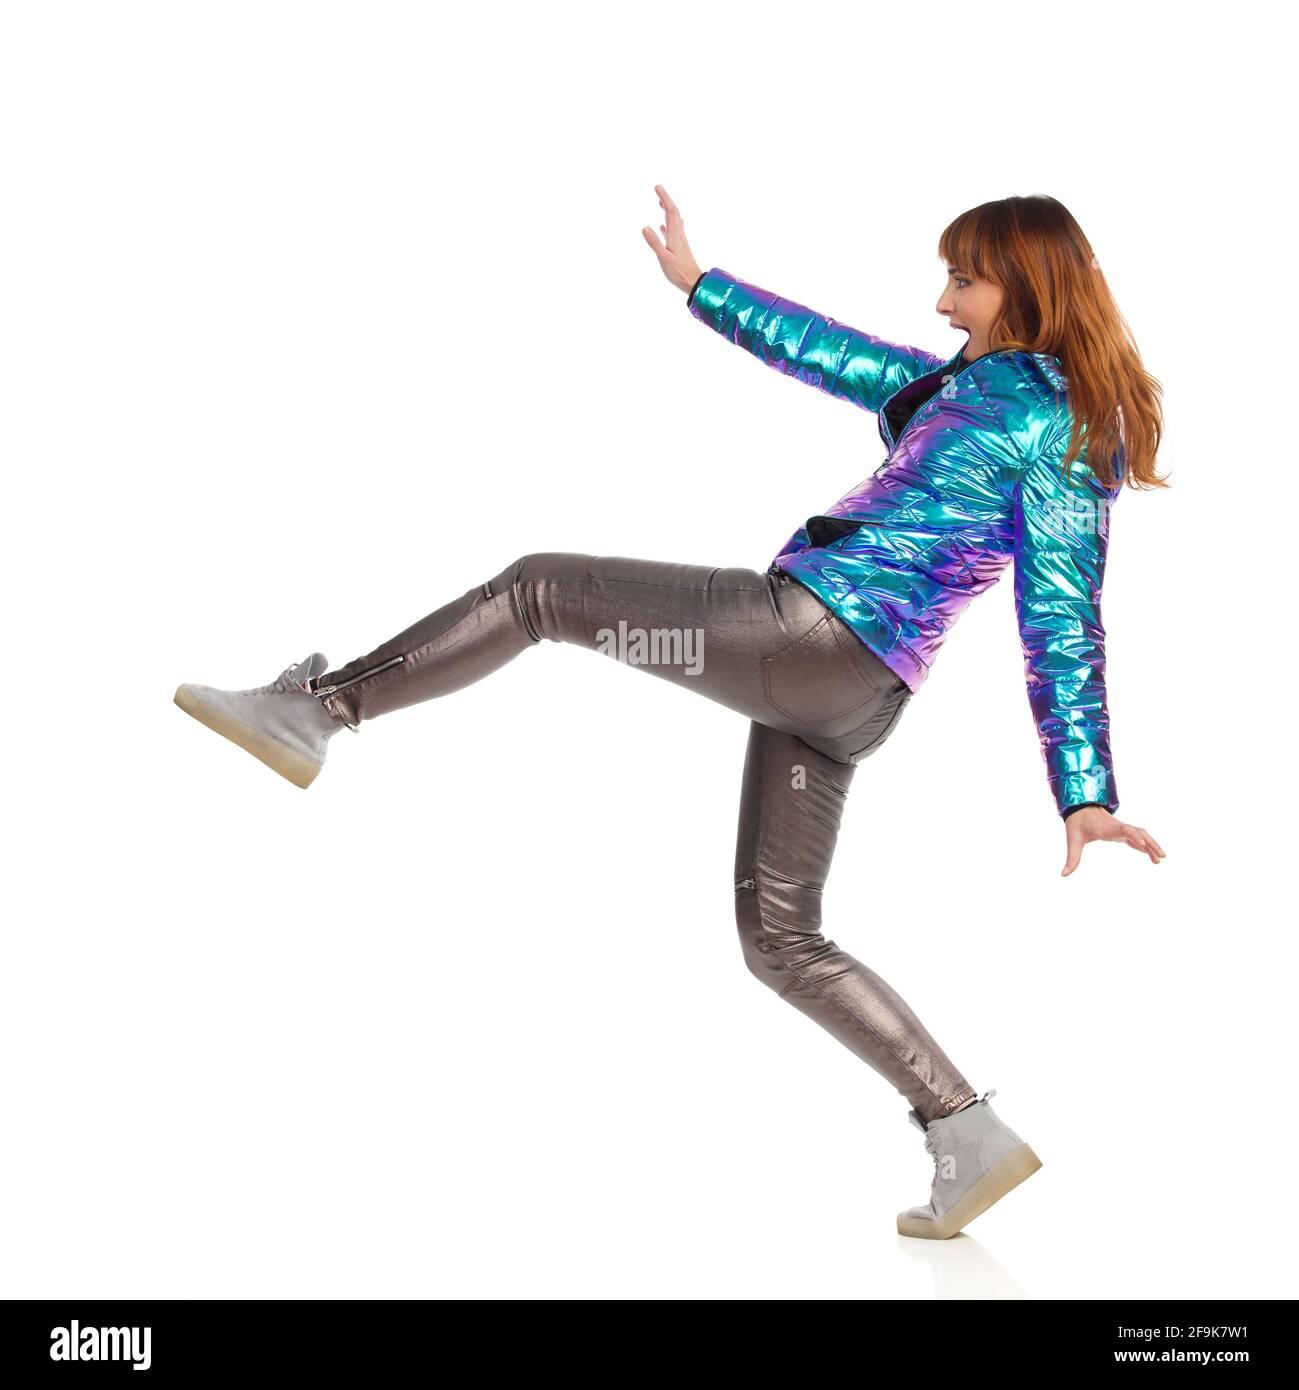 Drôle de jeune femme en veste de duvet, pantalon brillant et baskets est en train de faire un grand pas et crier. Vue latérale. Prise de vue en studio sur toute la longueur isolée sur W Banque D'Images